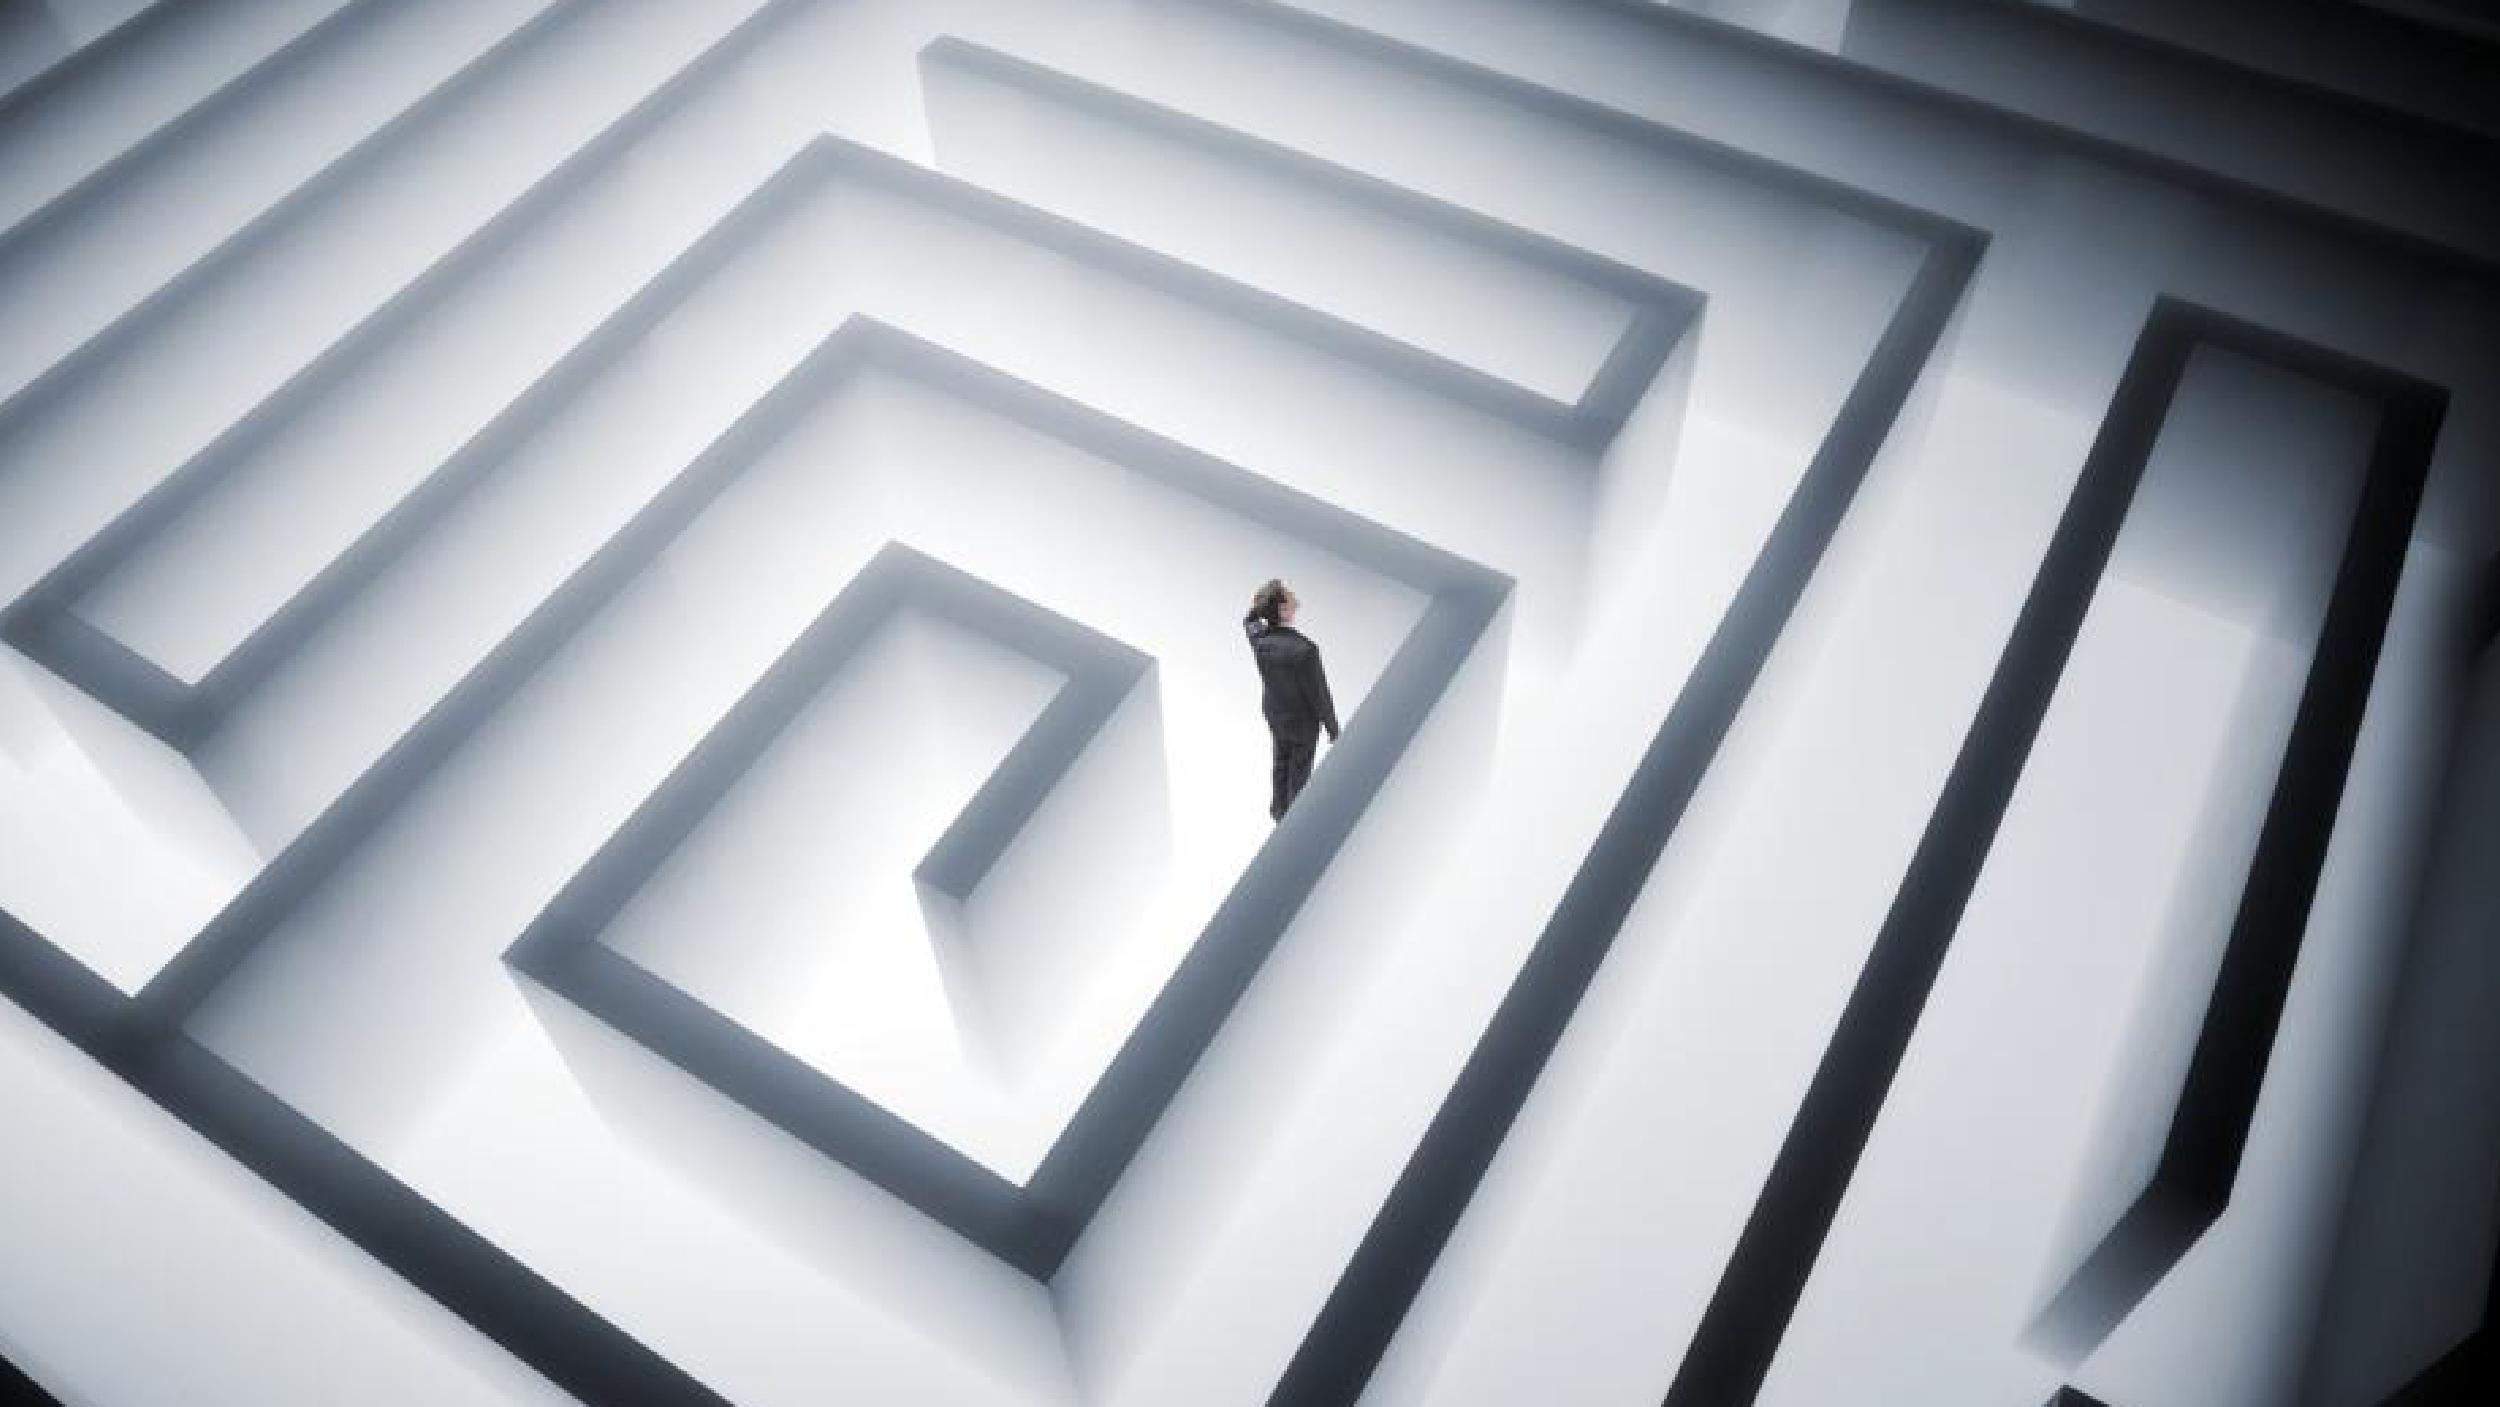 Person walking through a maze